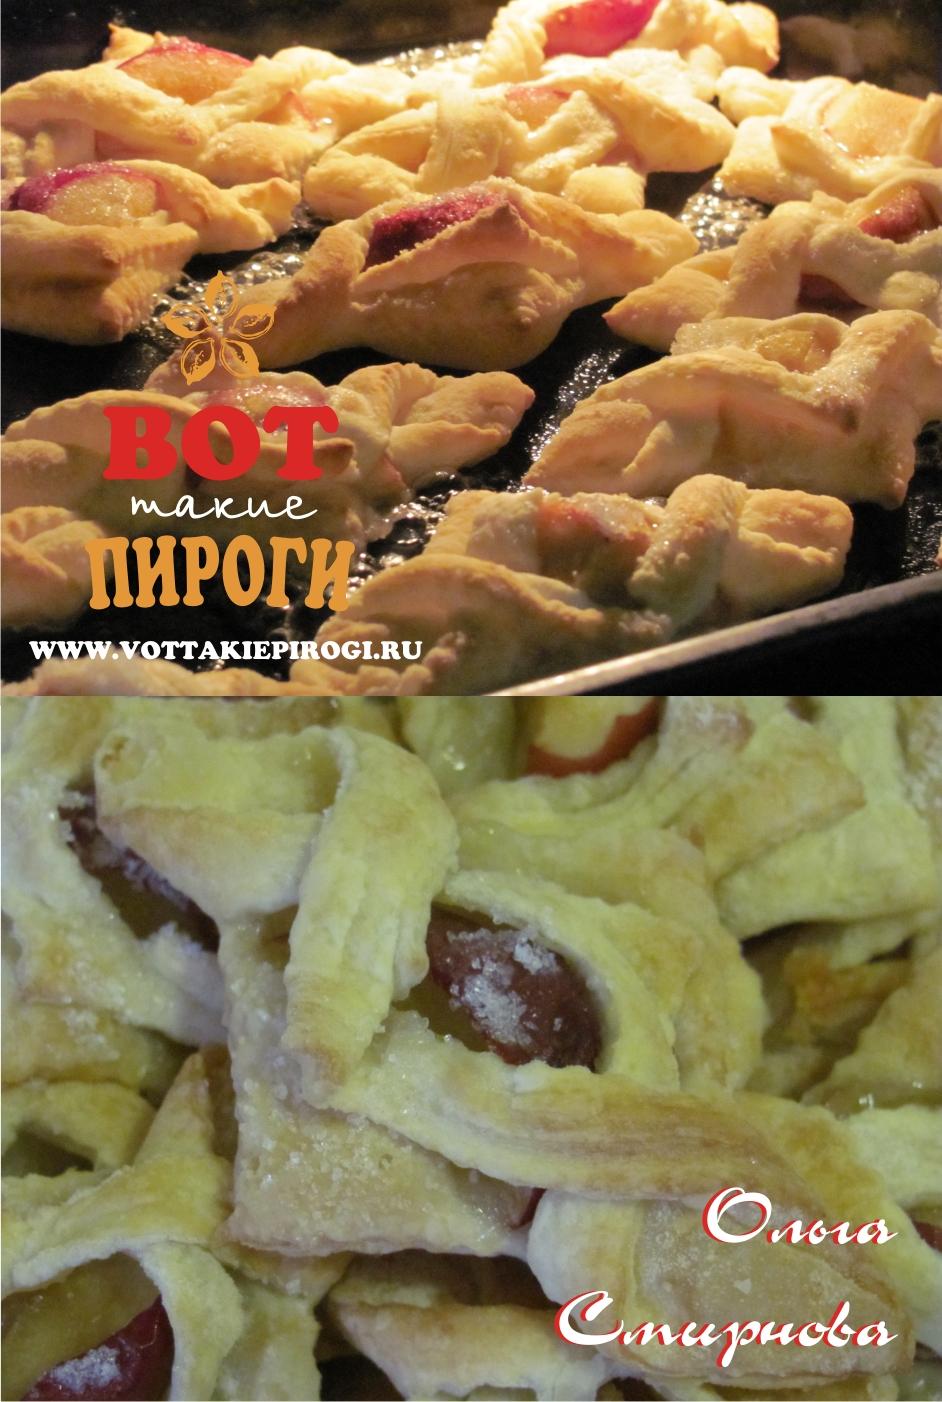 Слоёное бездрожжевое тесто с яблоками рецепт